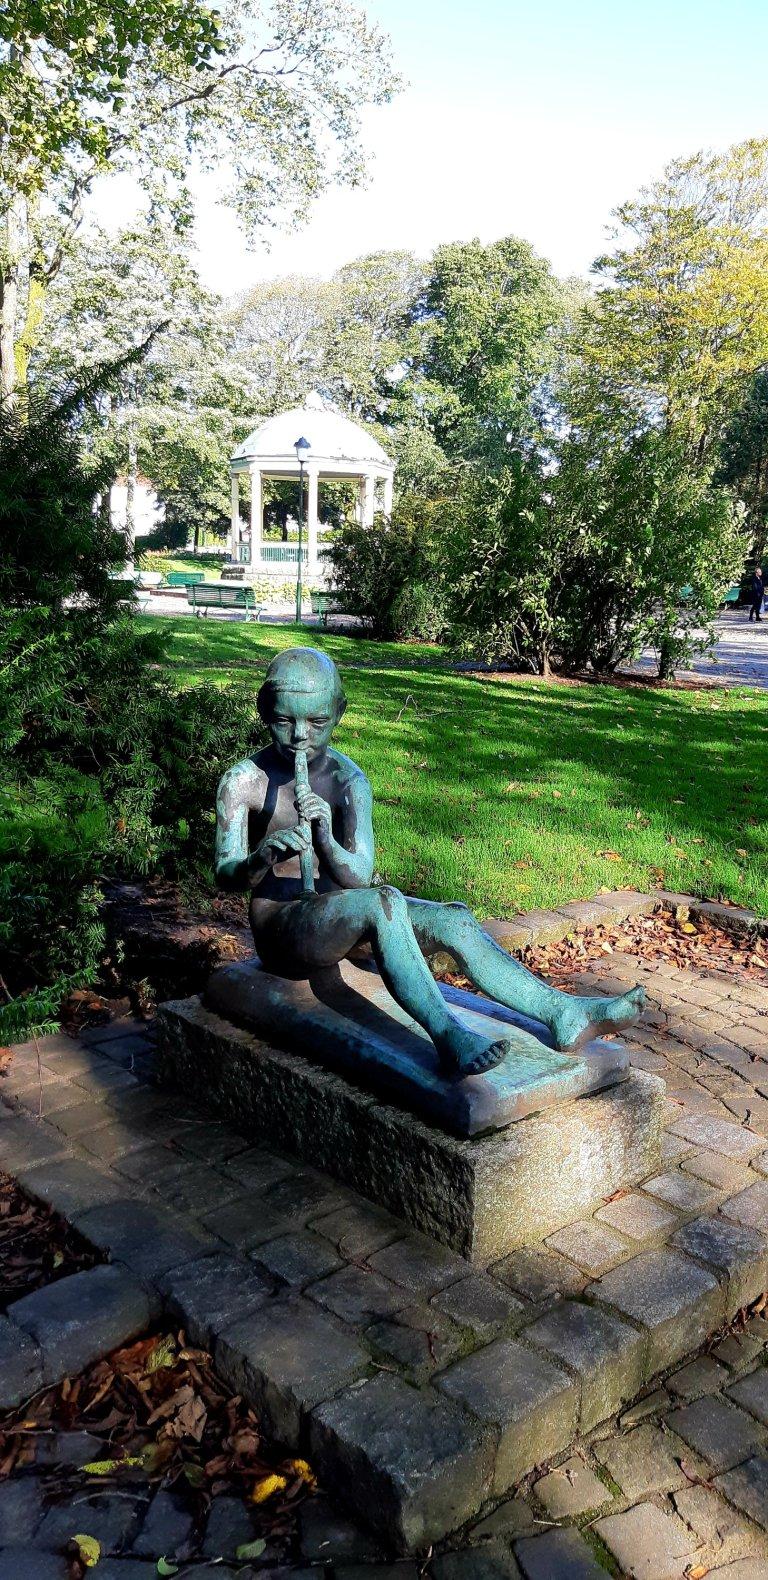 Haugesund statue